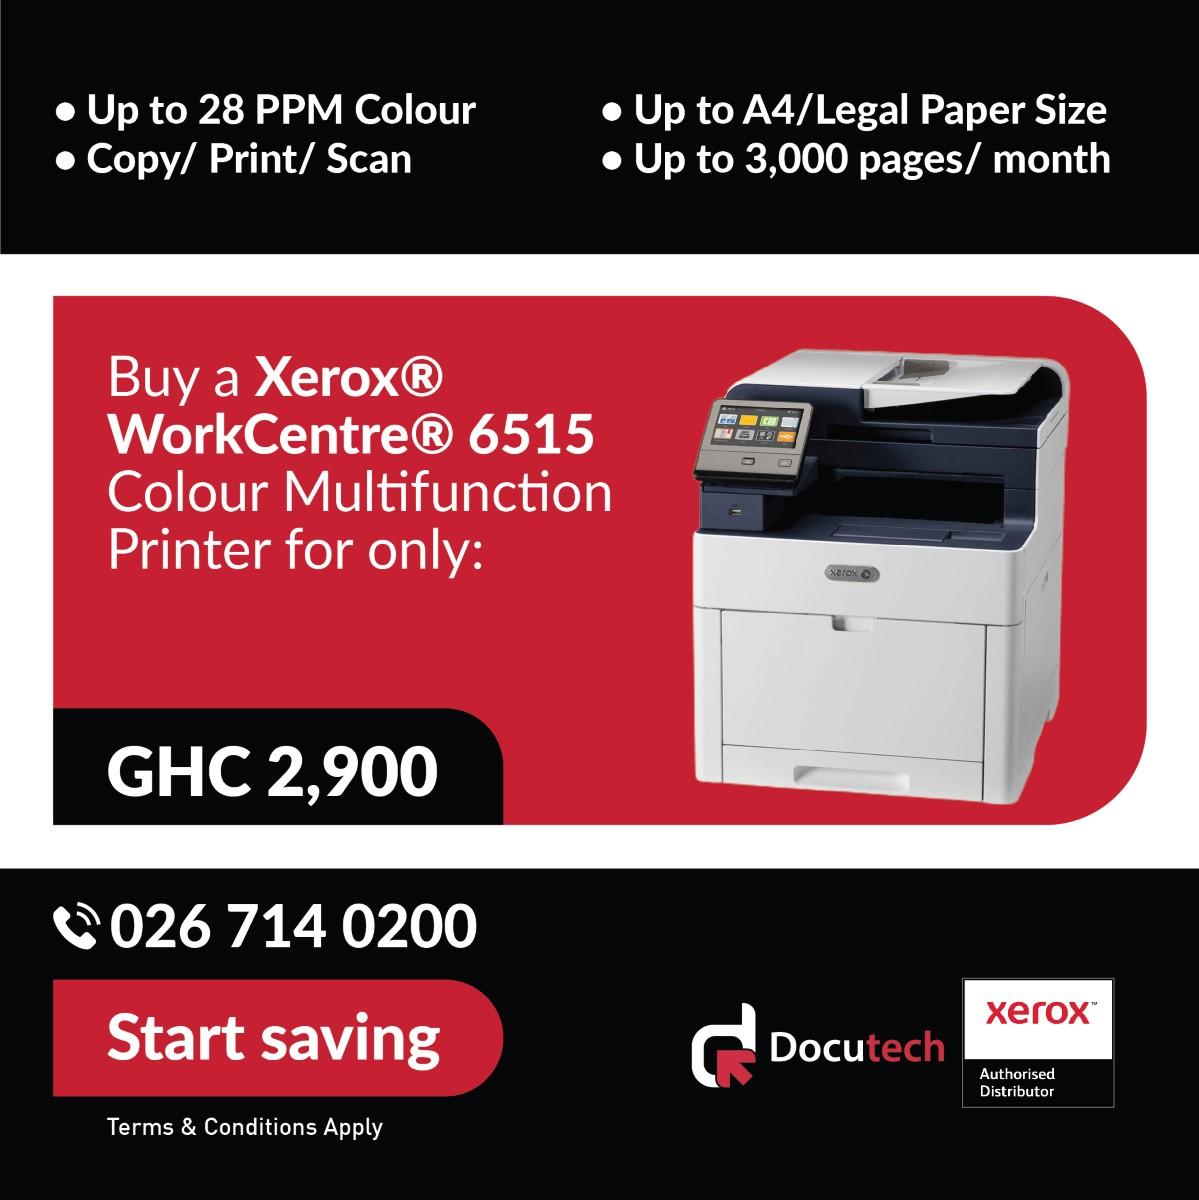 Xerox April 2021 Promo-05